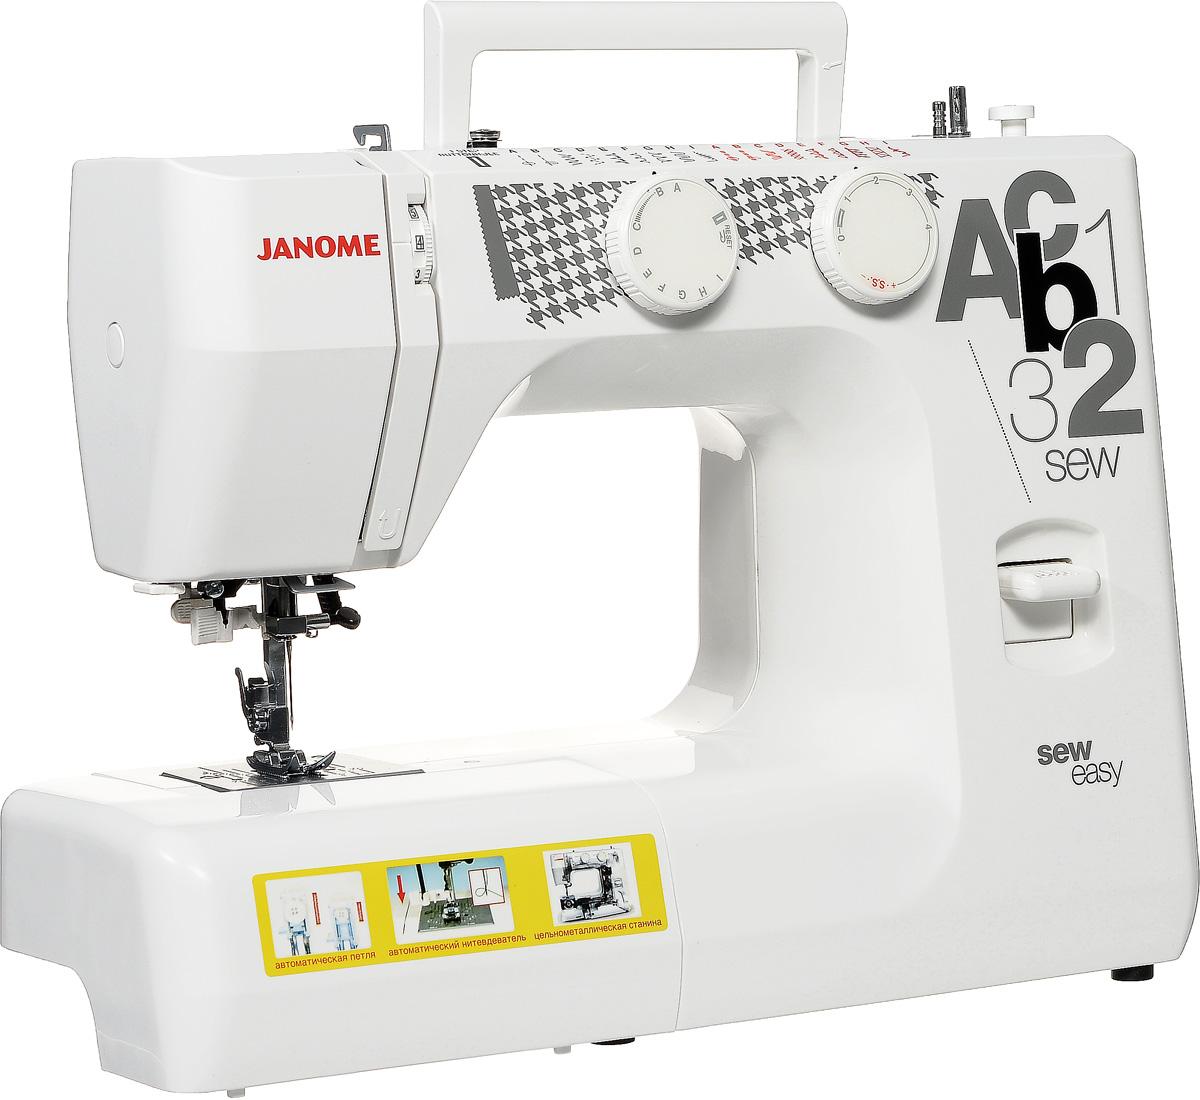 Janome Sew Easy швейная машинаsew easyJanome Sew Easy - швейная машина для шитья и ремонта одежды. Она оборудована надежным вертикальным качающимся челноком, применяемым в бытовых швейных машинах уже многие десятилетия. Данная модель выполняет необходимый набор основных строчек. Среди них шитье зигзагом, которое широко используется для обметки, аппликации и пришивания пуговиц; трижды усиленный стежок, который рекомендуется для шитья эластичных тканей или трикотажа, и где нужна крепость и прочность шва; декоративная; эластичная и другие. Установить желаемую строчку можно с помощью поворота колеса, расположенного на корпусе машинки. Благодаря встроенной подсветке рабочей области можно комфортно работать даже в условиях слабой освещенности.